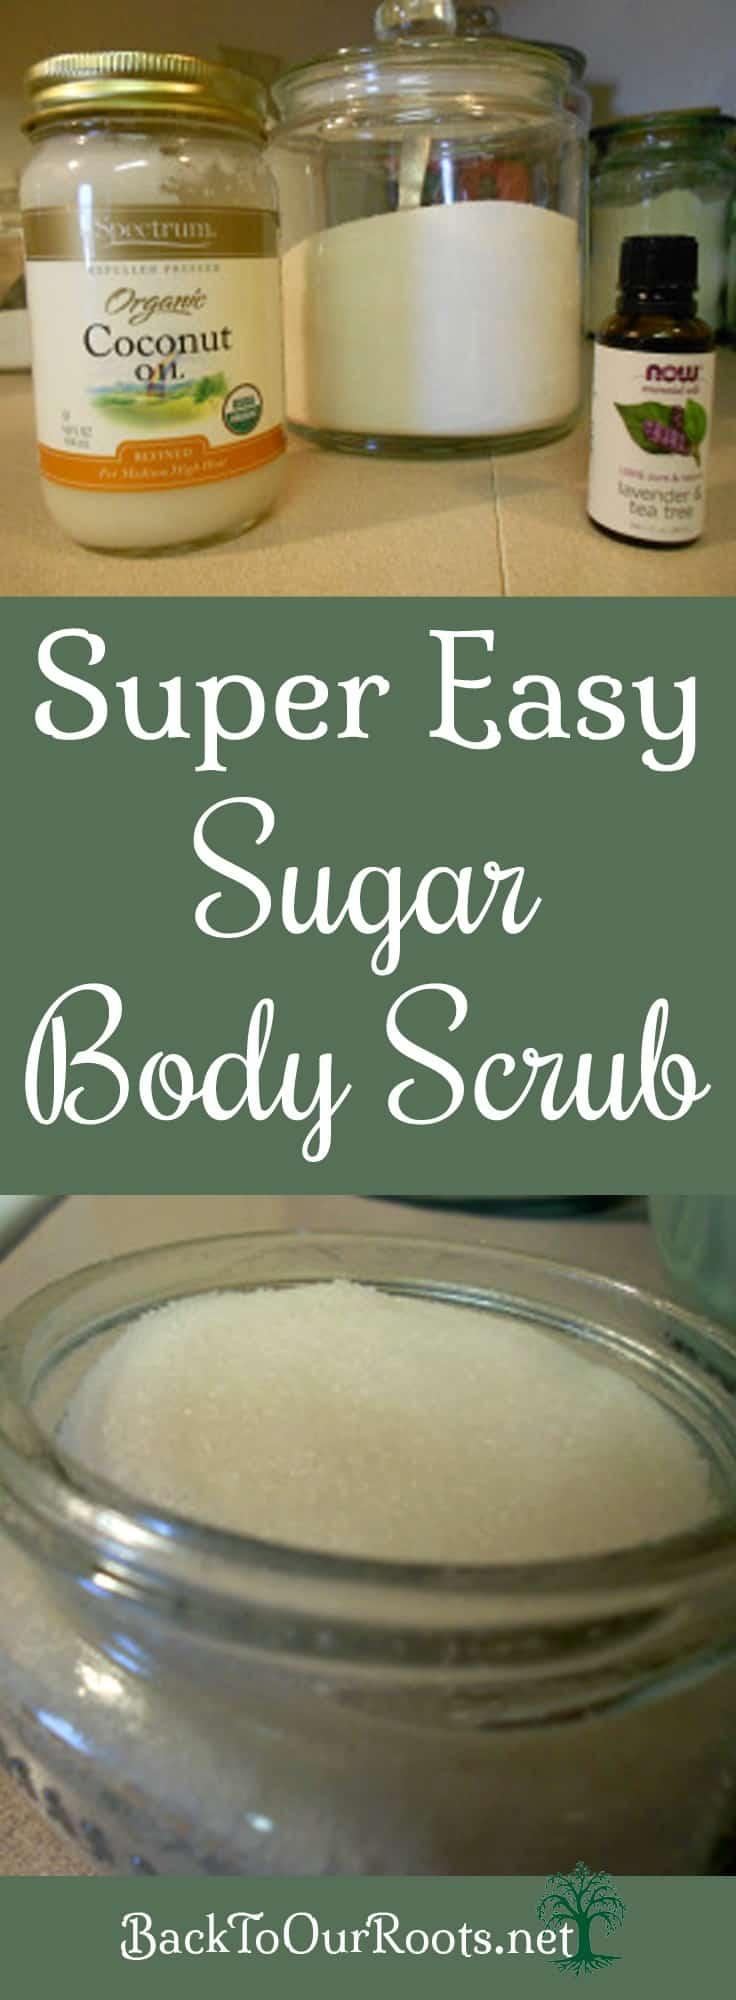 Super Easy Sugar Body Scrub